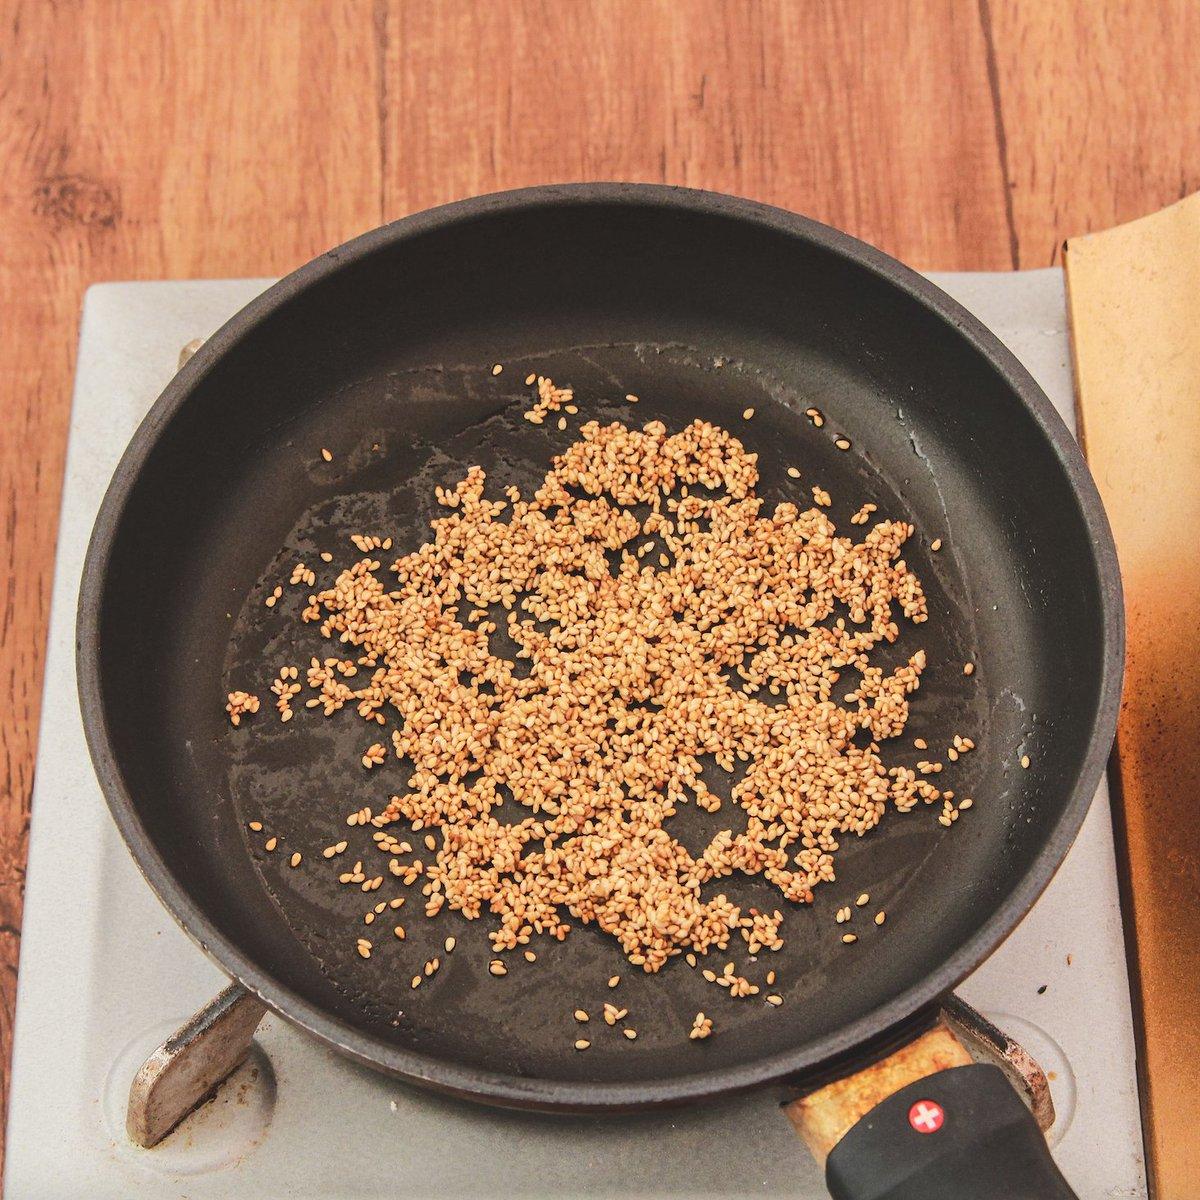 市販のものも美味しいけど、手作りするのもあり!ゴマを使ったふりかけレシピ!